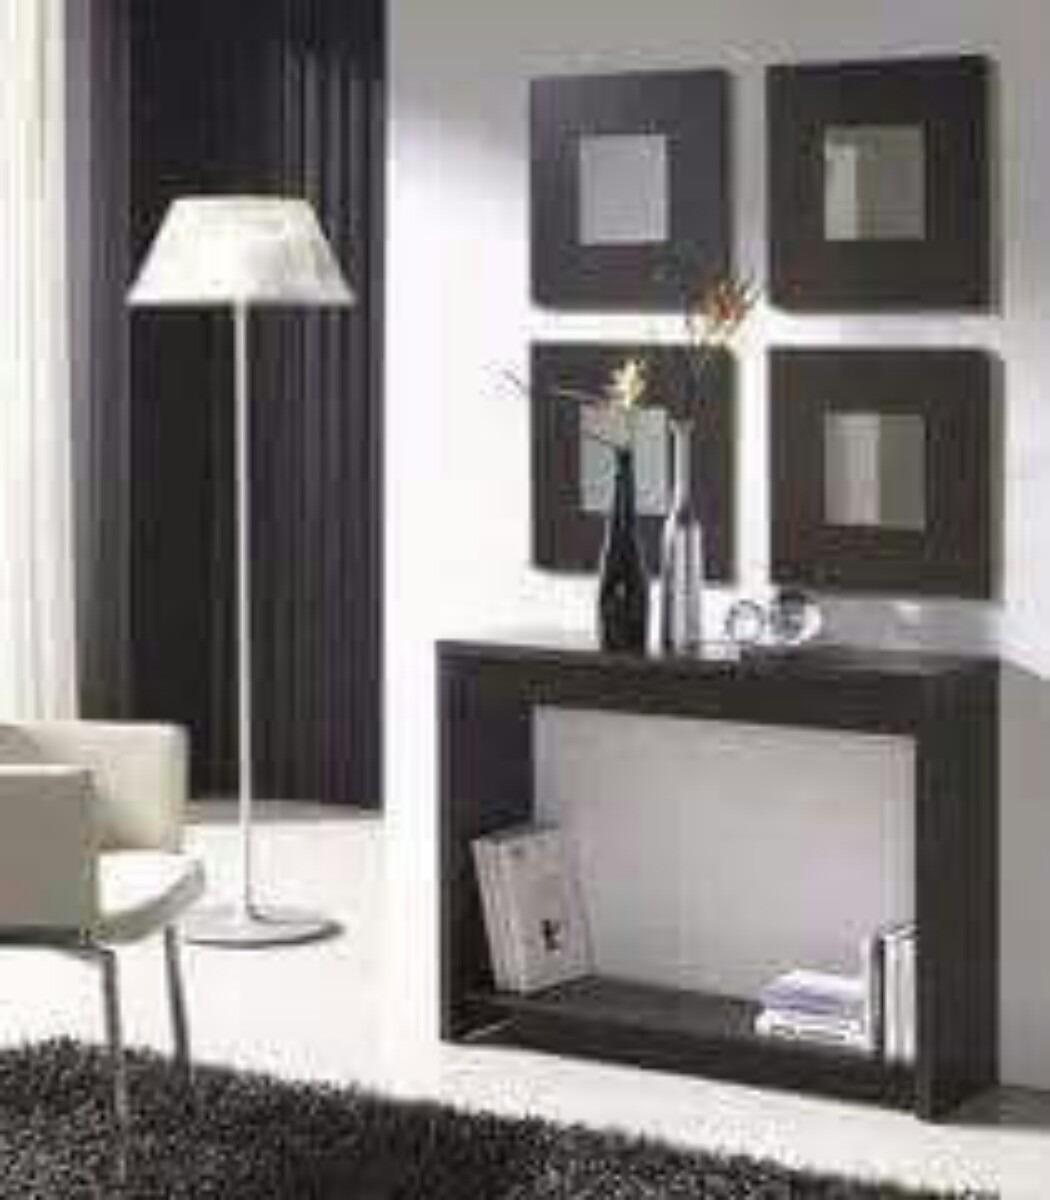 Consolas modernas y m nimalista con espejos mdf y formica bs en mercado libre - Consolas recibidor modernas ...